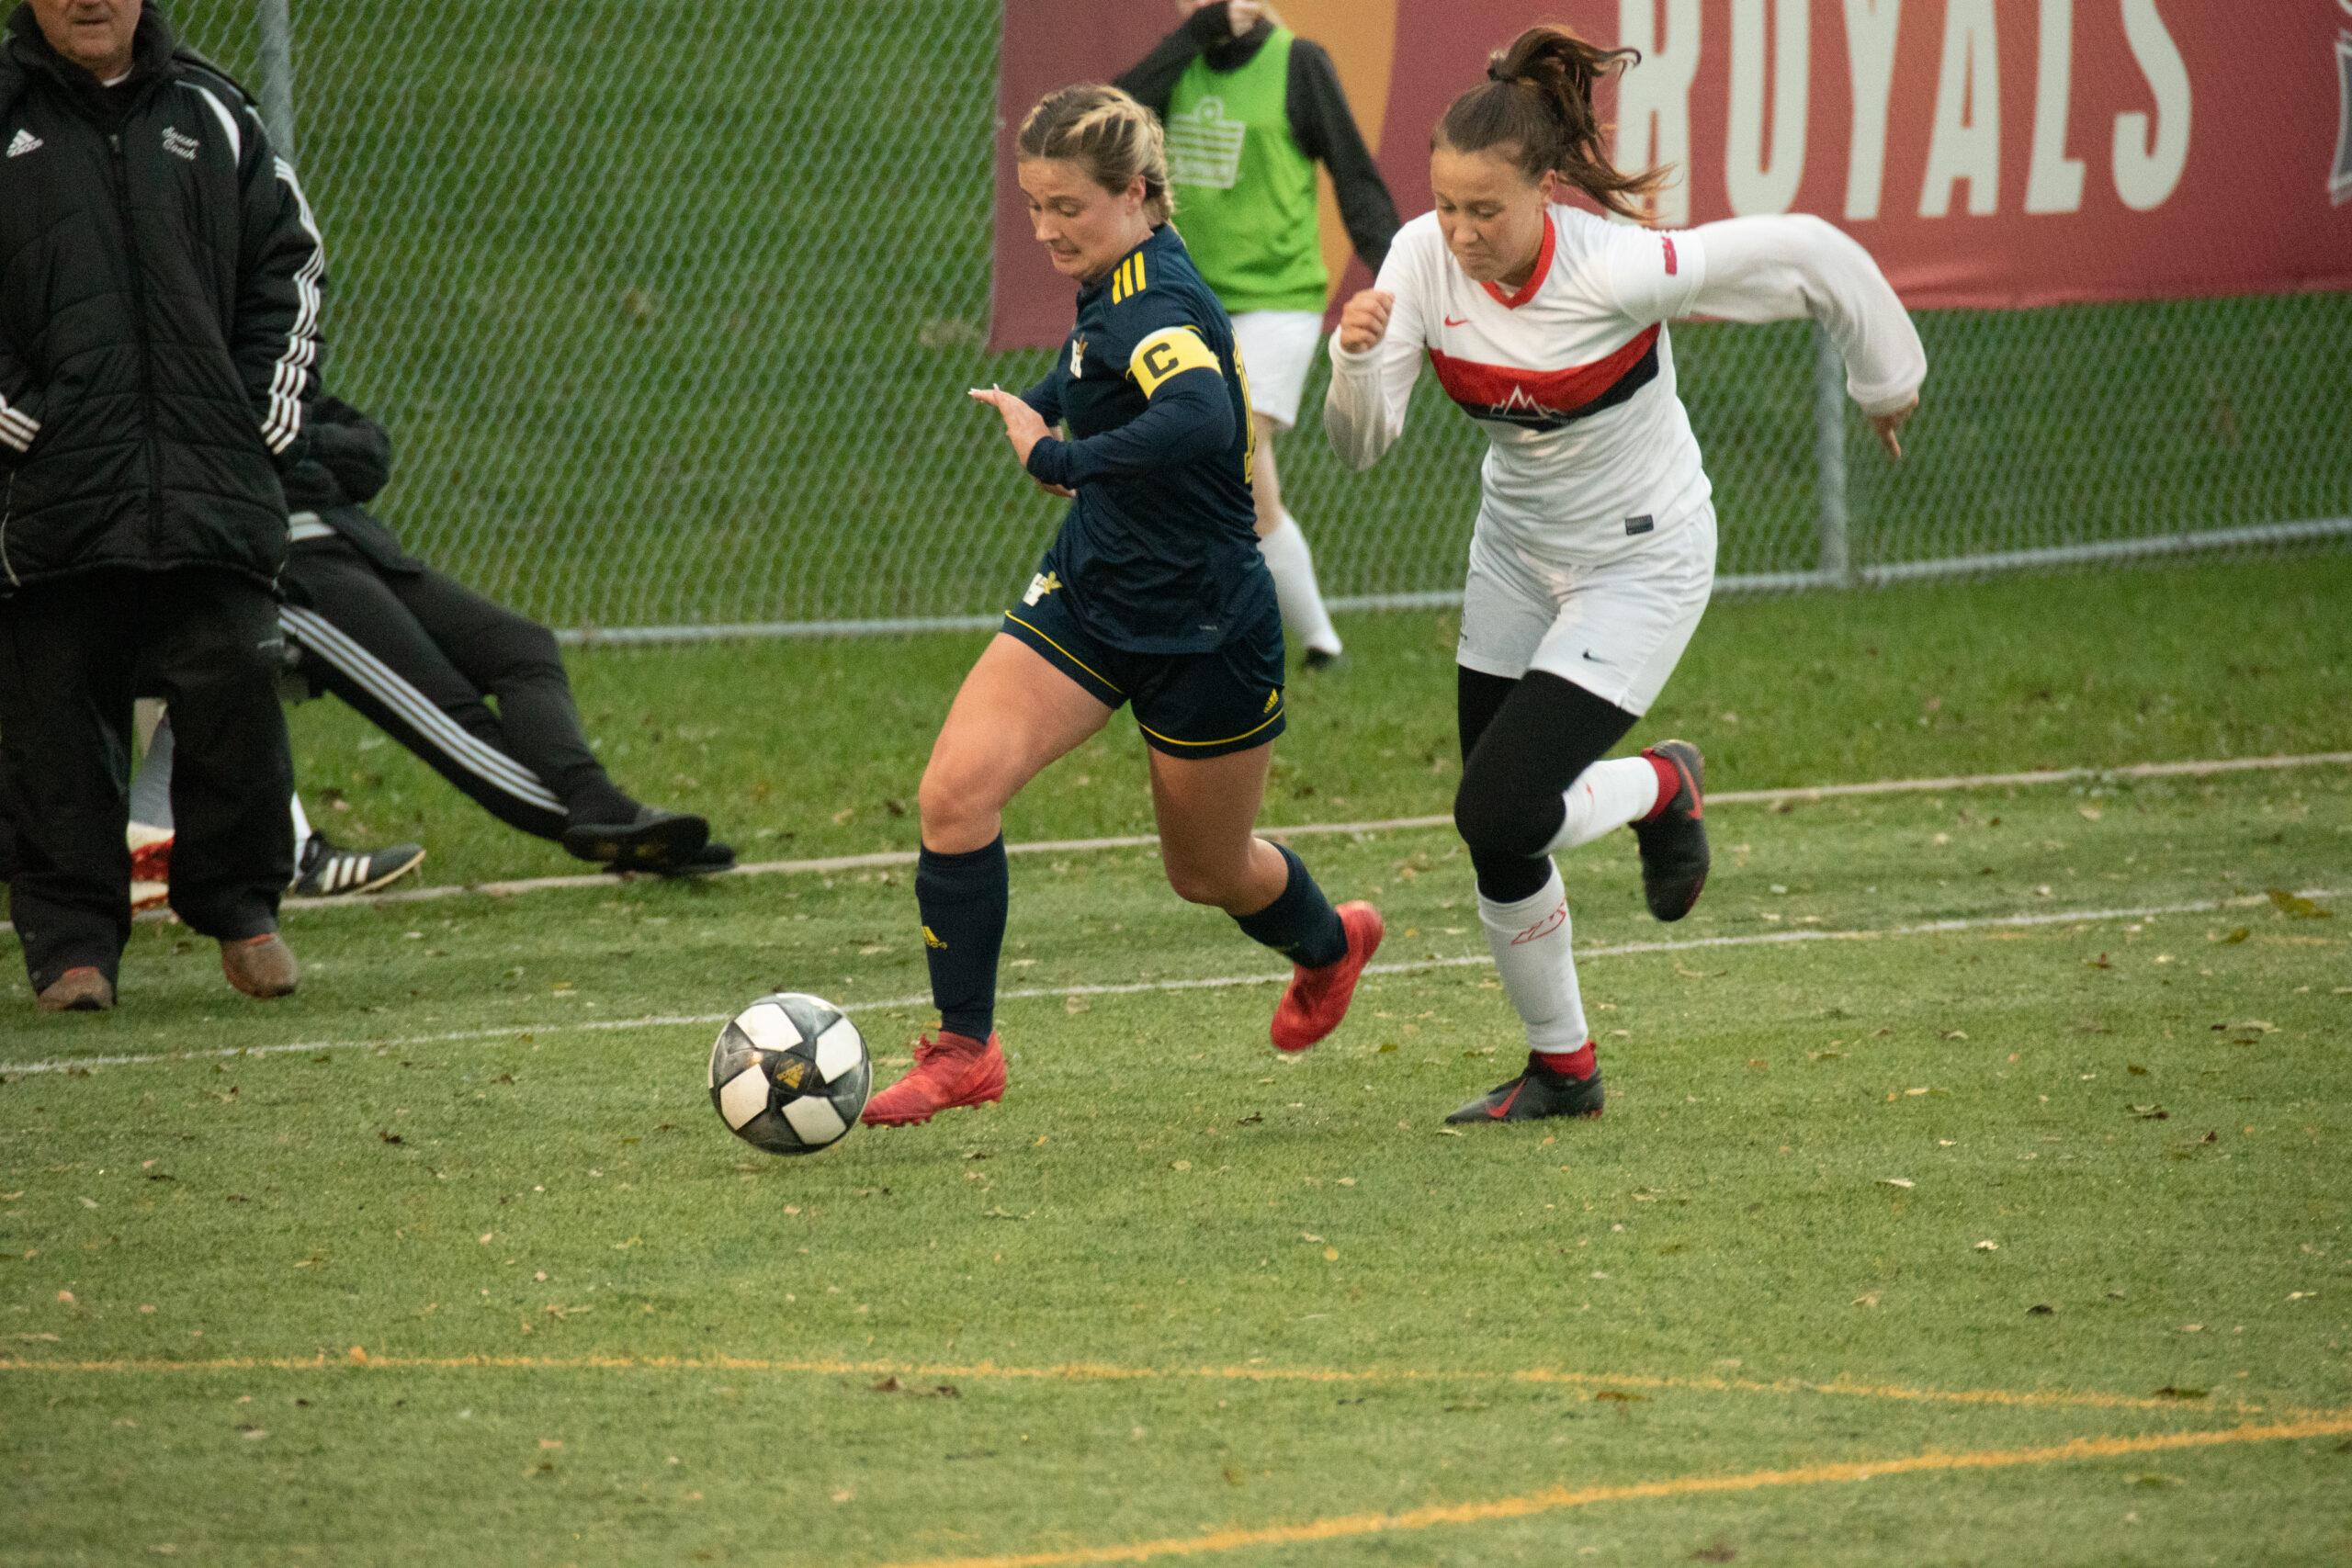 Draw against Mohawk ends women's six-game winning streak